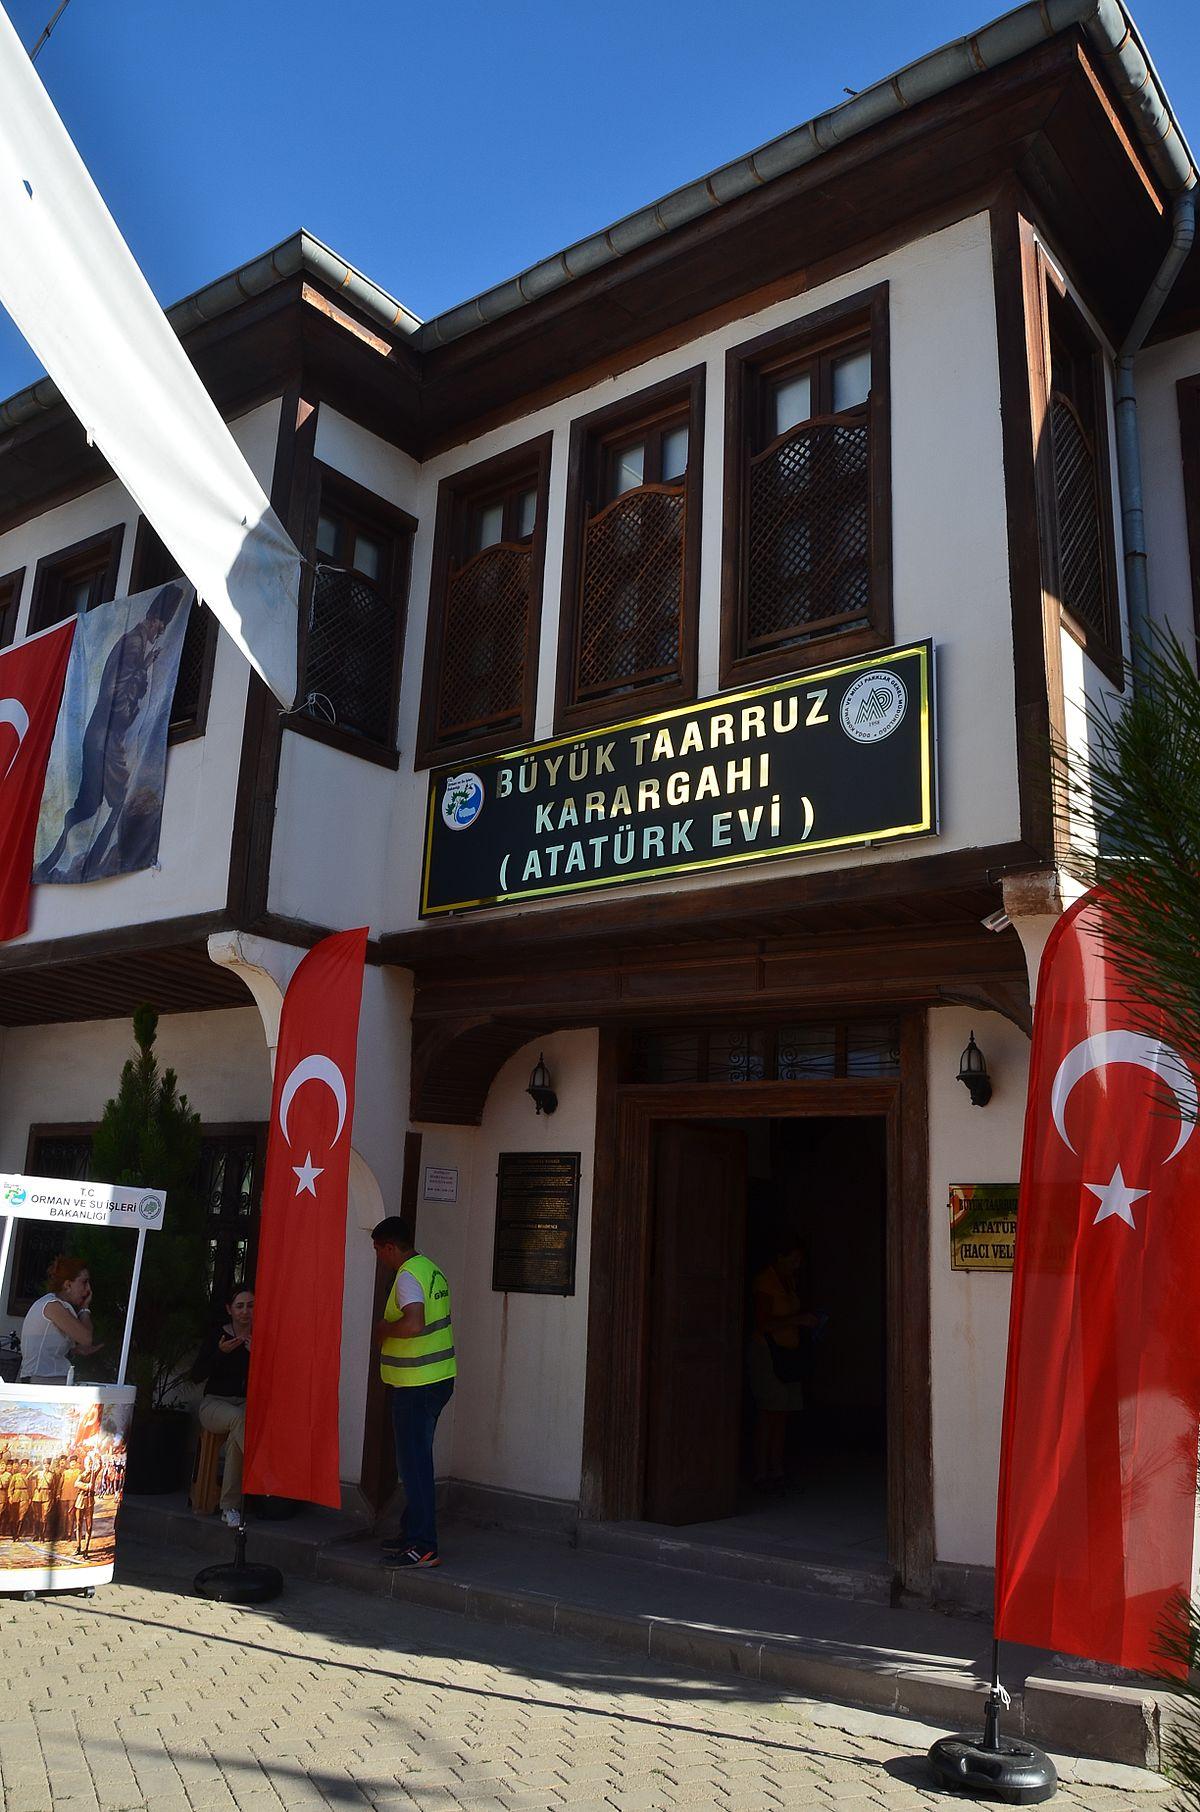 Atatürks House (Şuhut) - Wikipedia